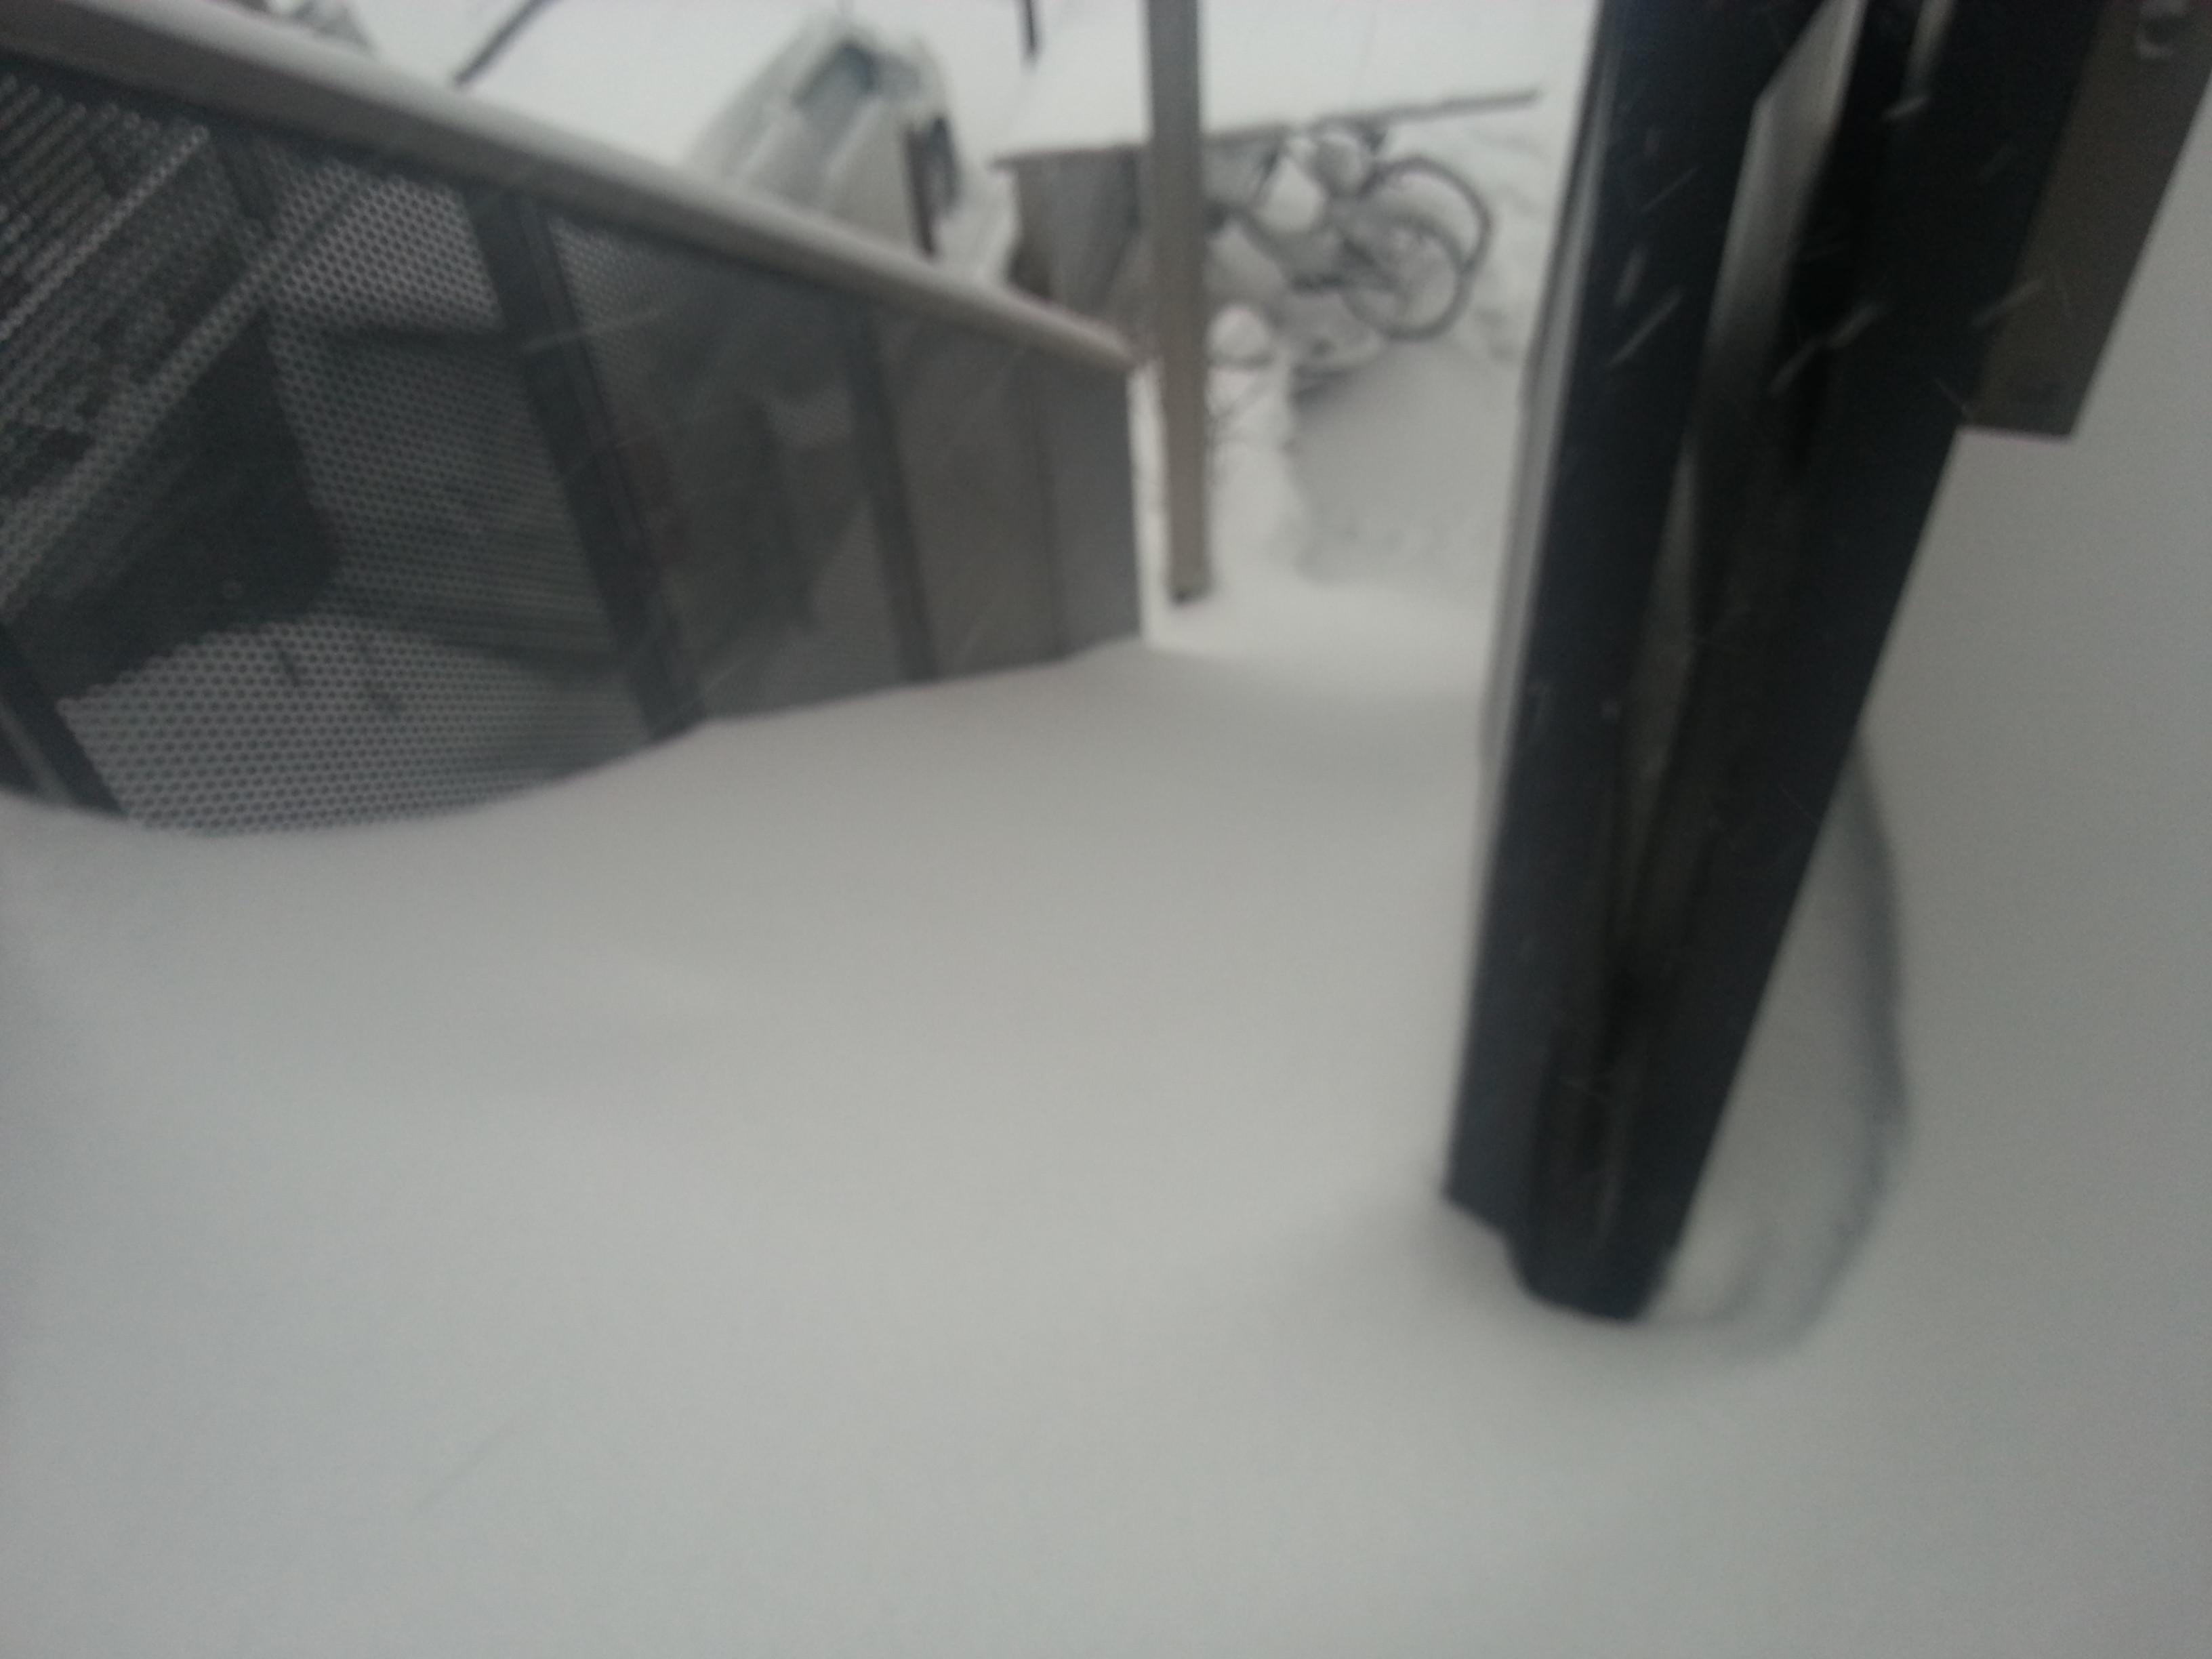 【戦慄】国交省が「大雪に対する緊急発表」→ 不安の声殺到wwwwwwwwwのサムネイル画像